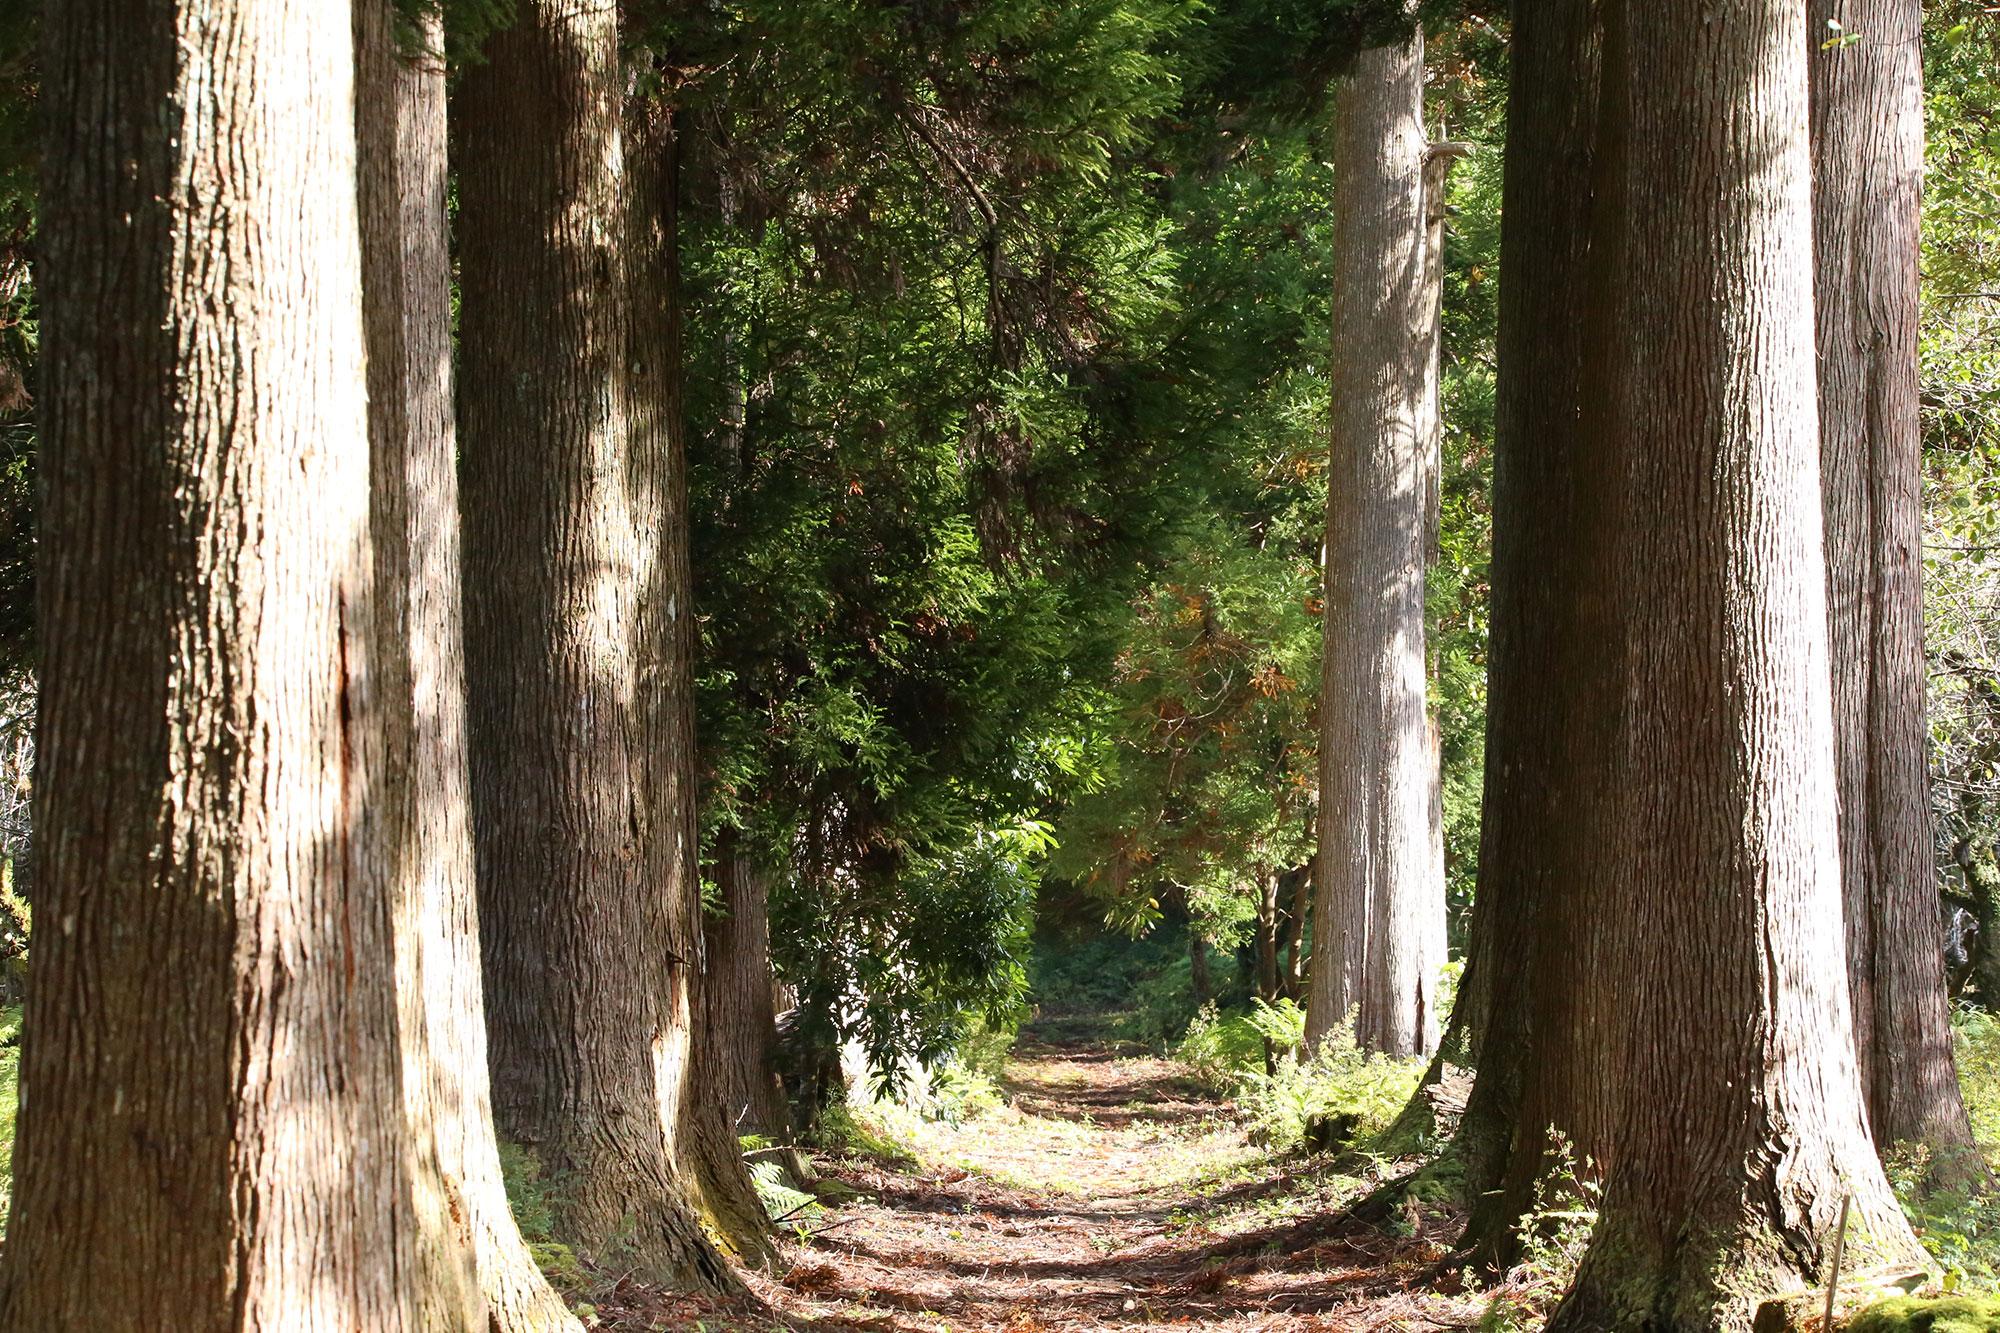 絵画のような森を抜けて